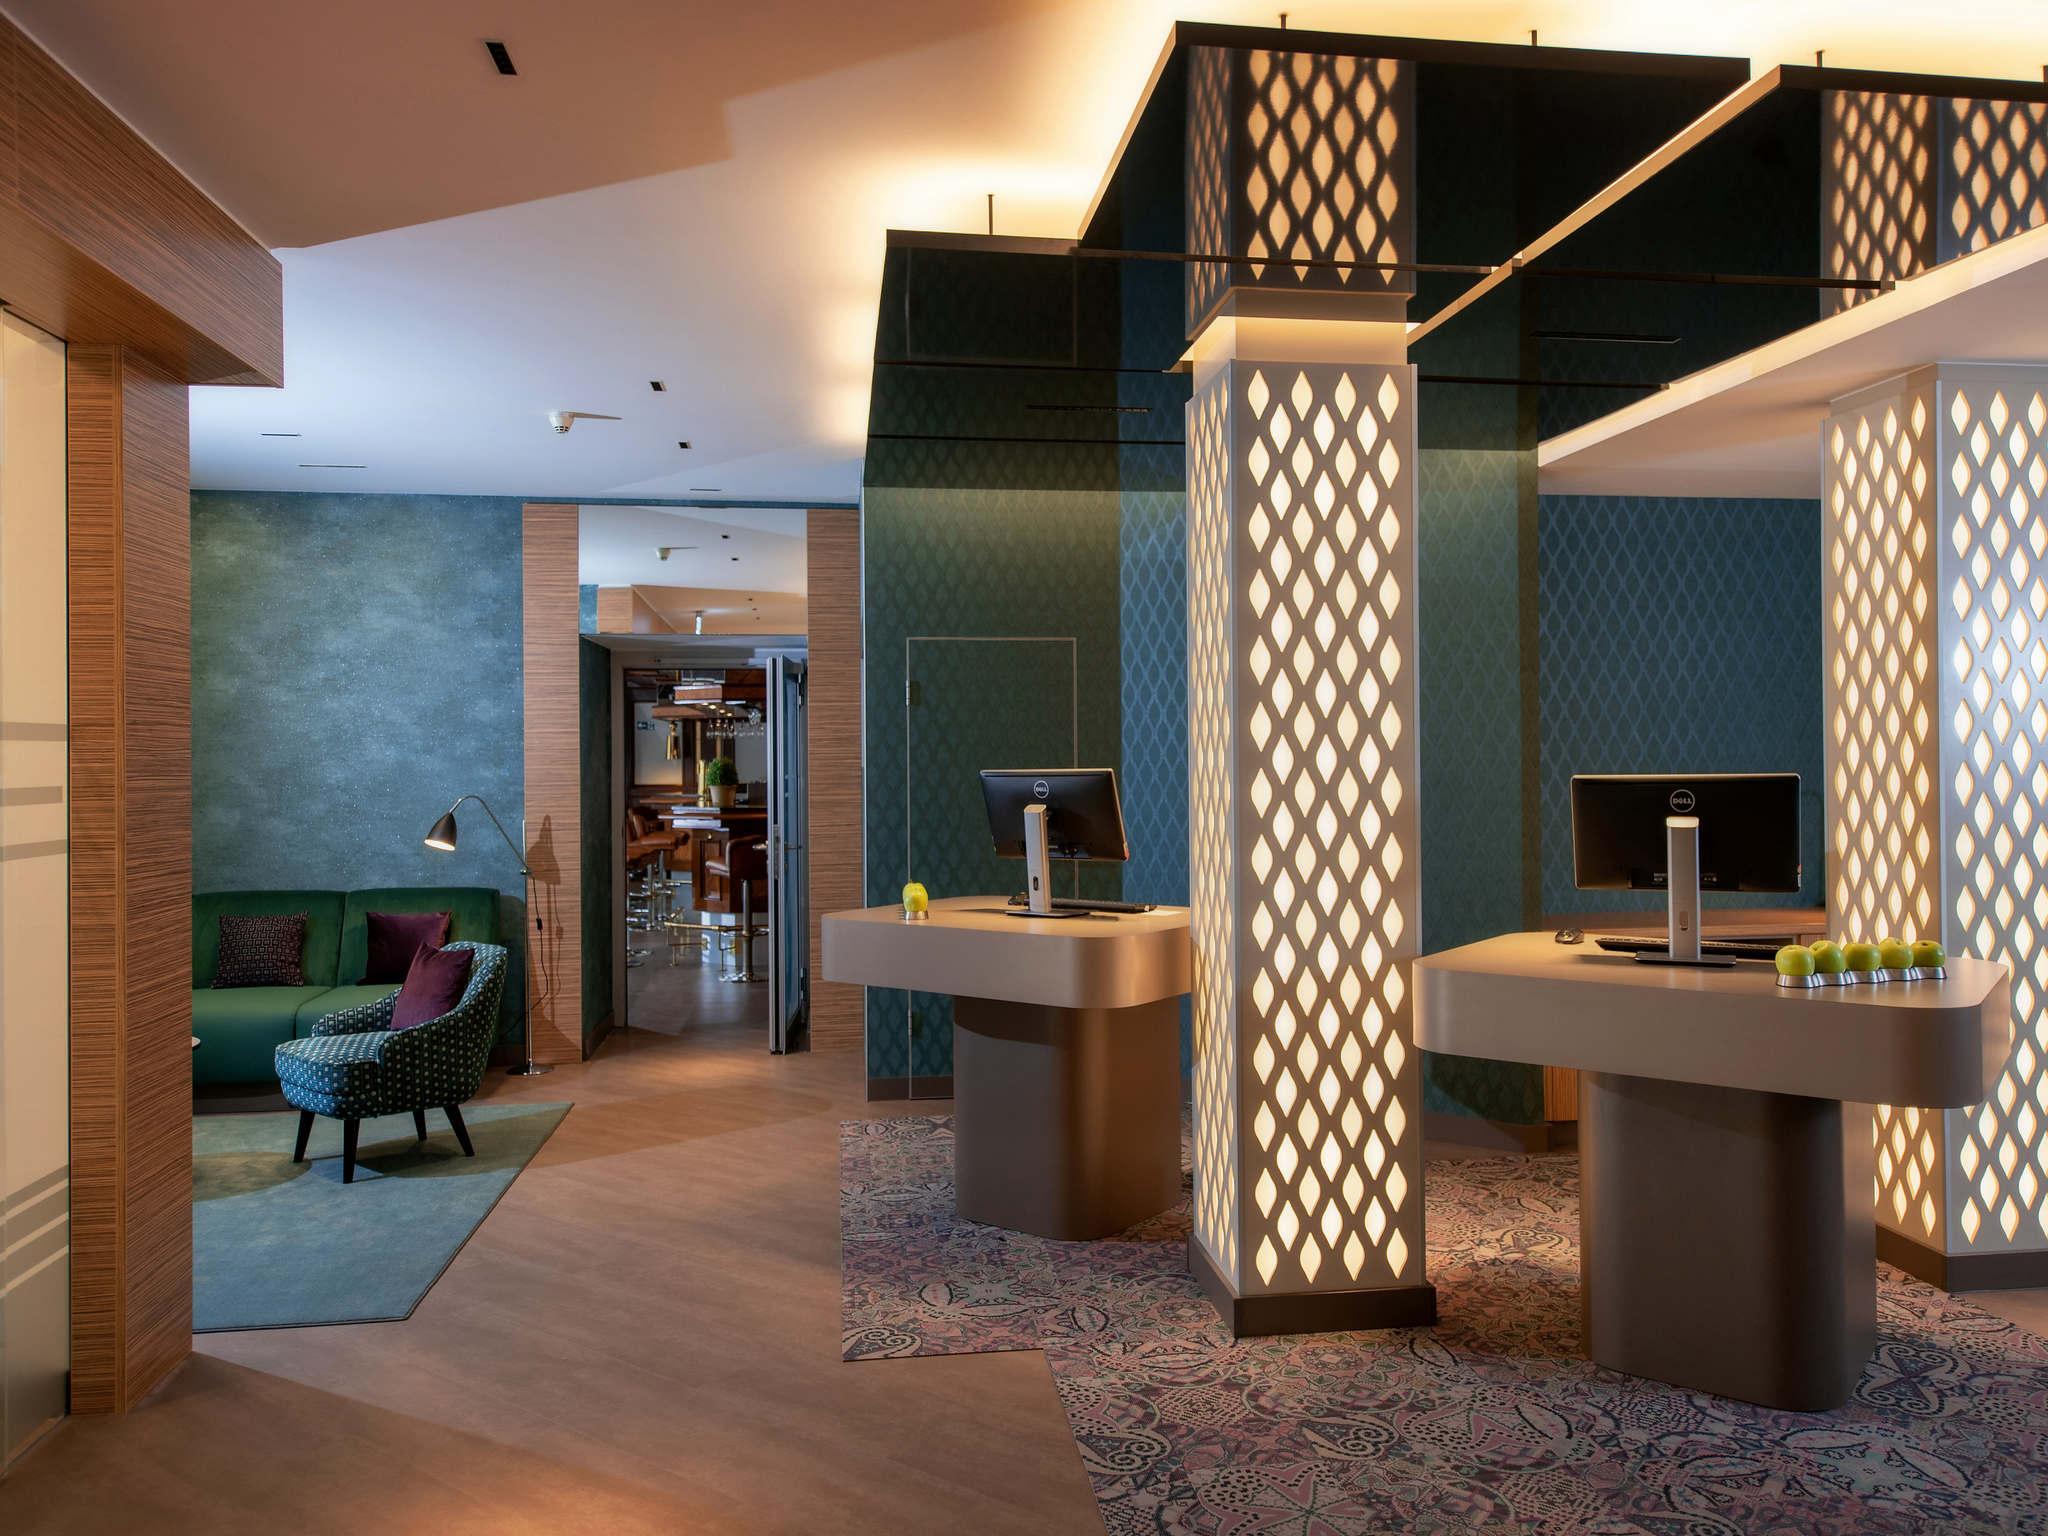 Hotel in KOELN - Mercure Hotel Koeln Belfortstrasse